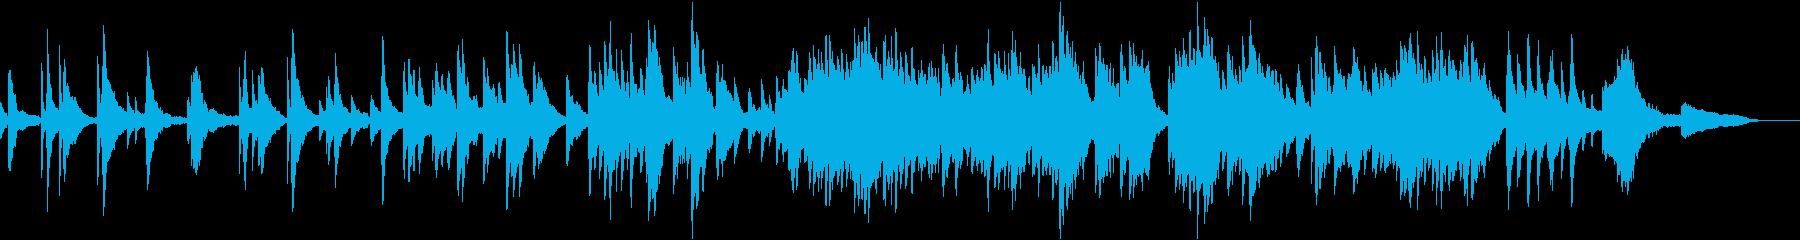 映像・ナレーション用ピアノ演奏(広がり)の再生済みの波形